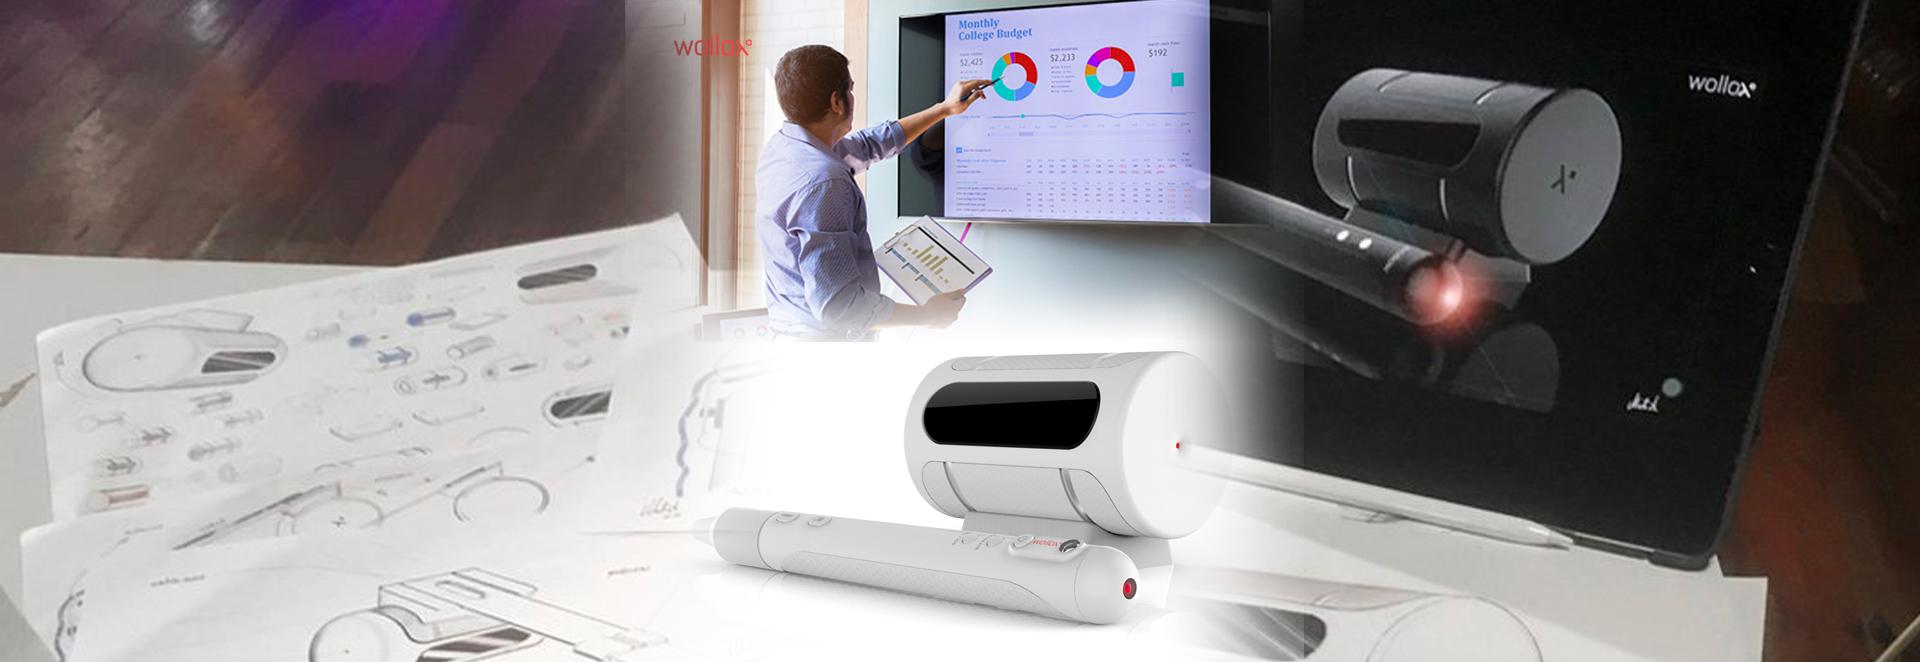 Wollox İnteraktif Sensör